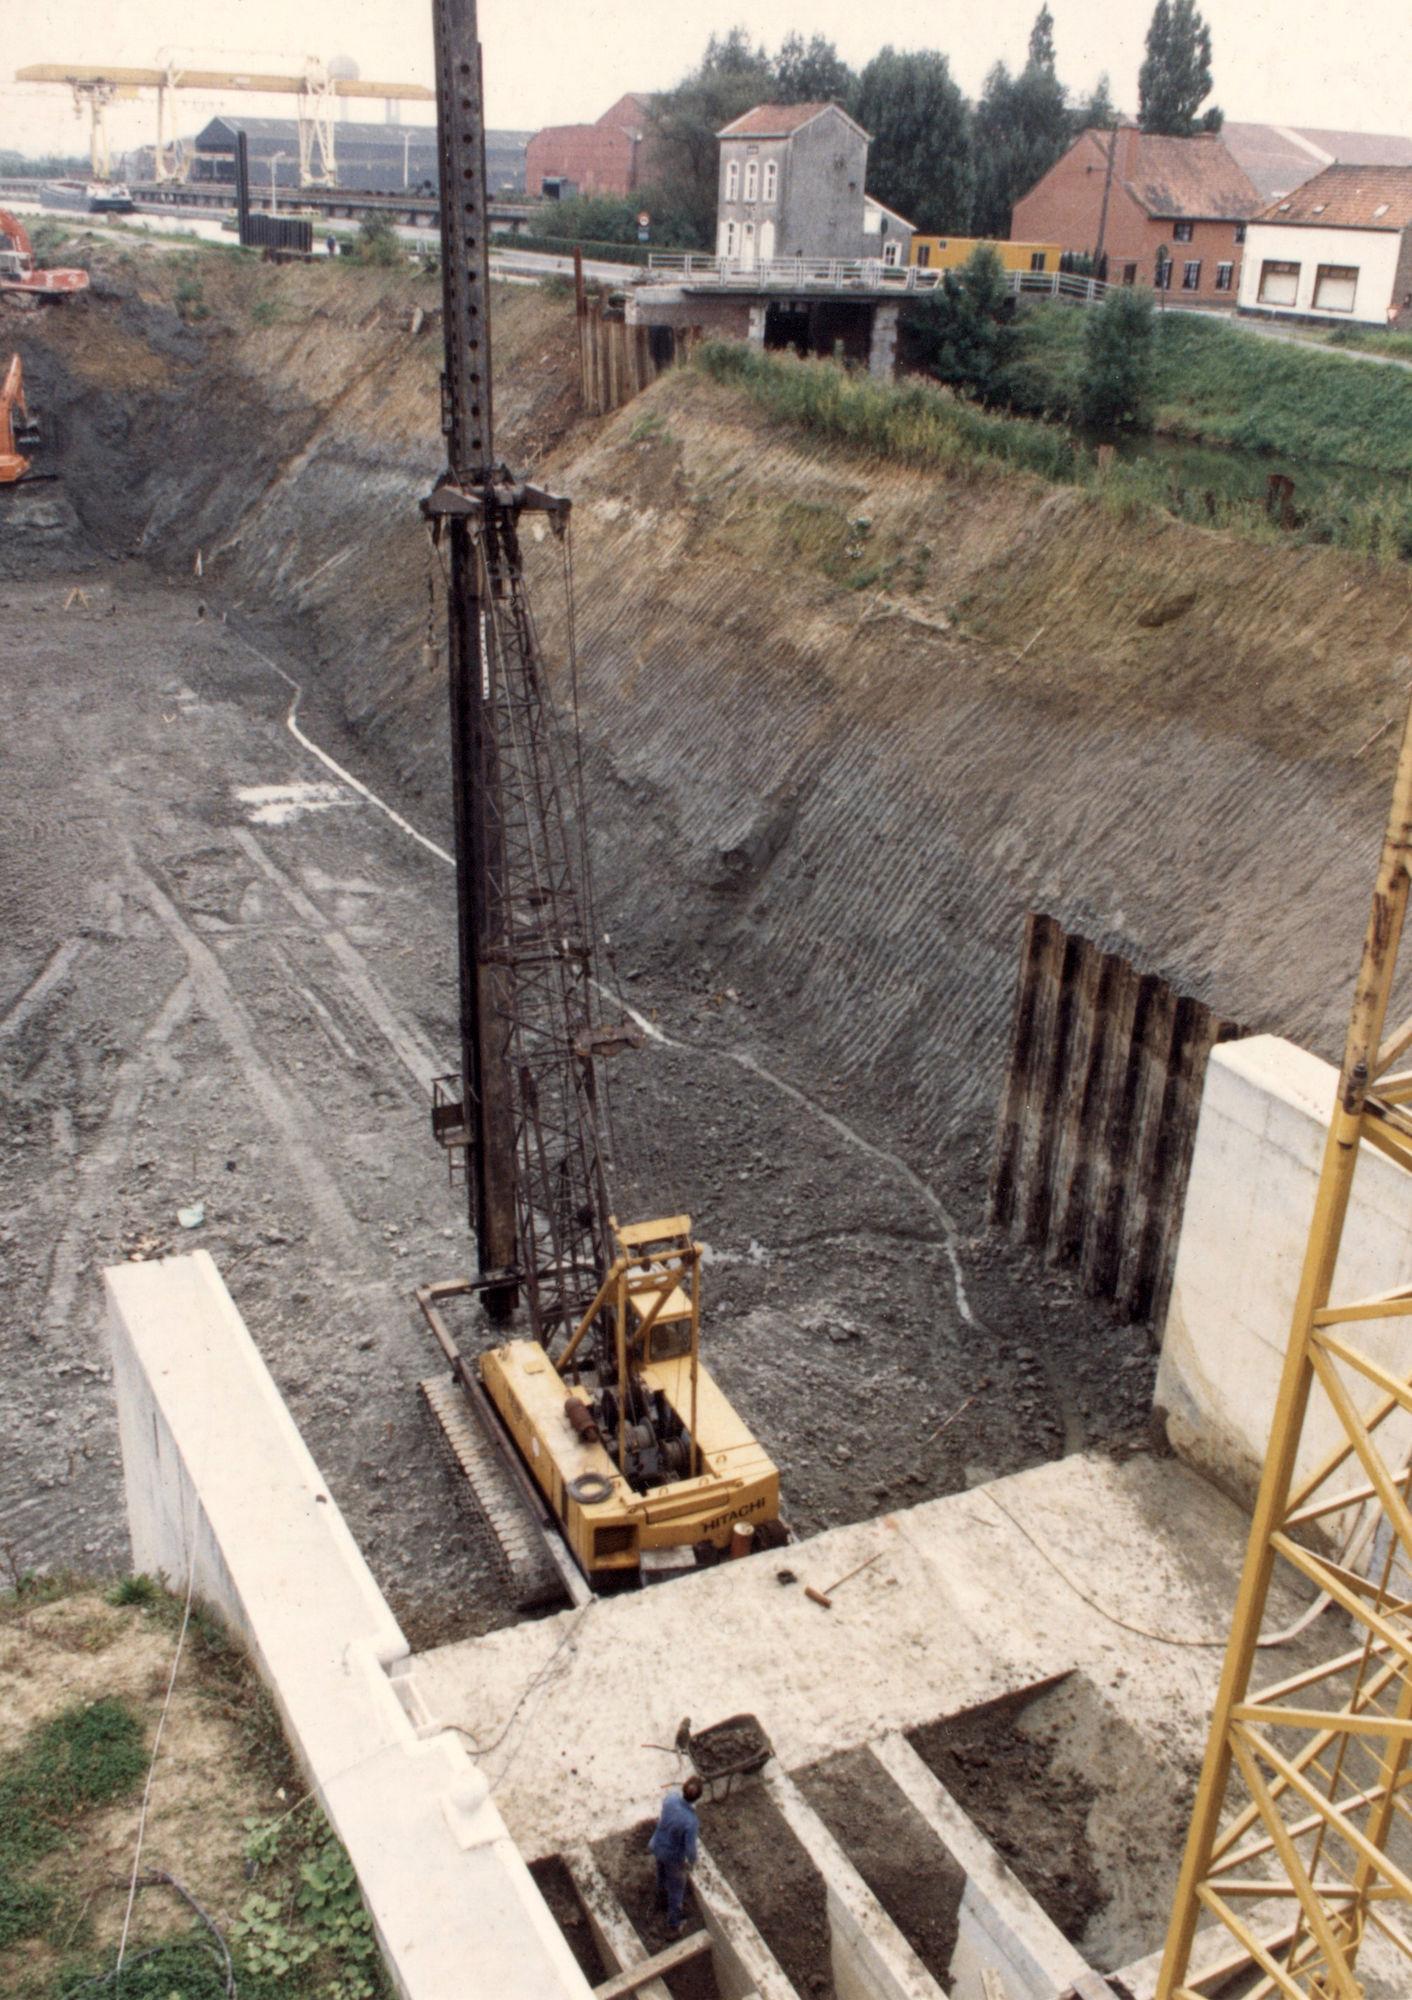 Bouw van de nieuwe sluis op het Kanaal Bossuit-Kortrijk in de Deerlijkstraat te Zwevegem 1987